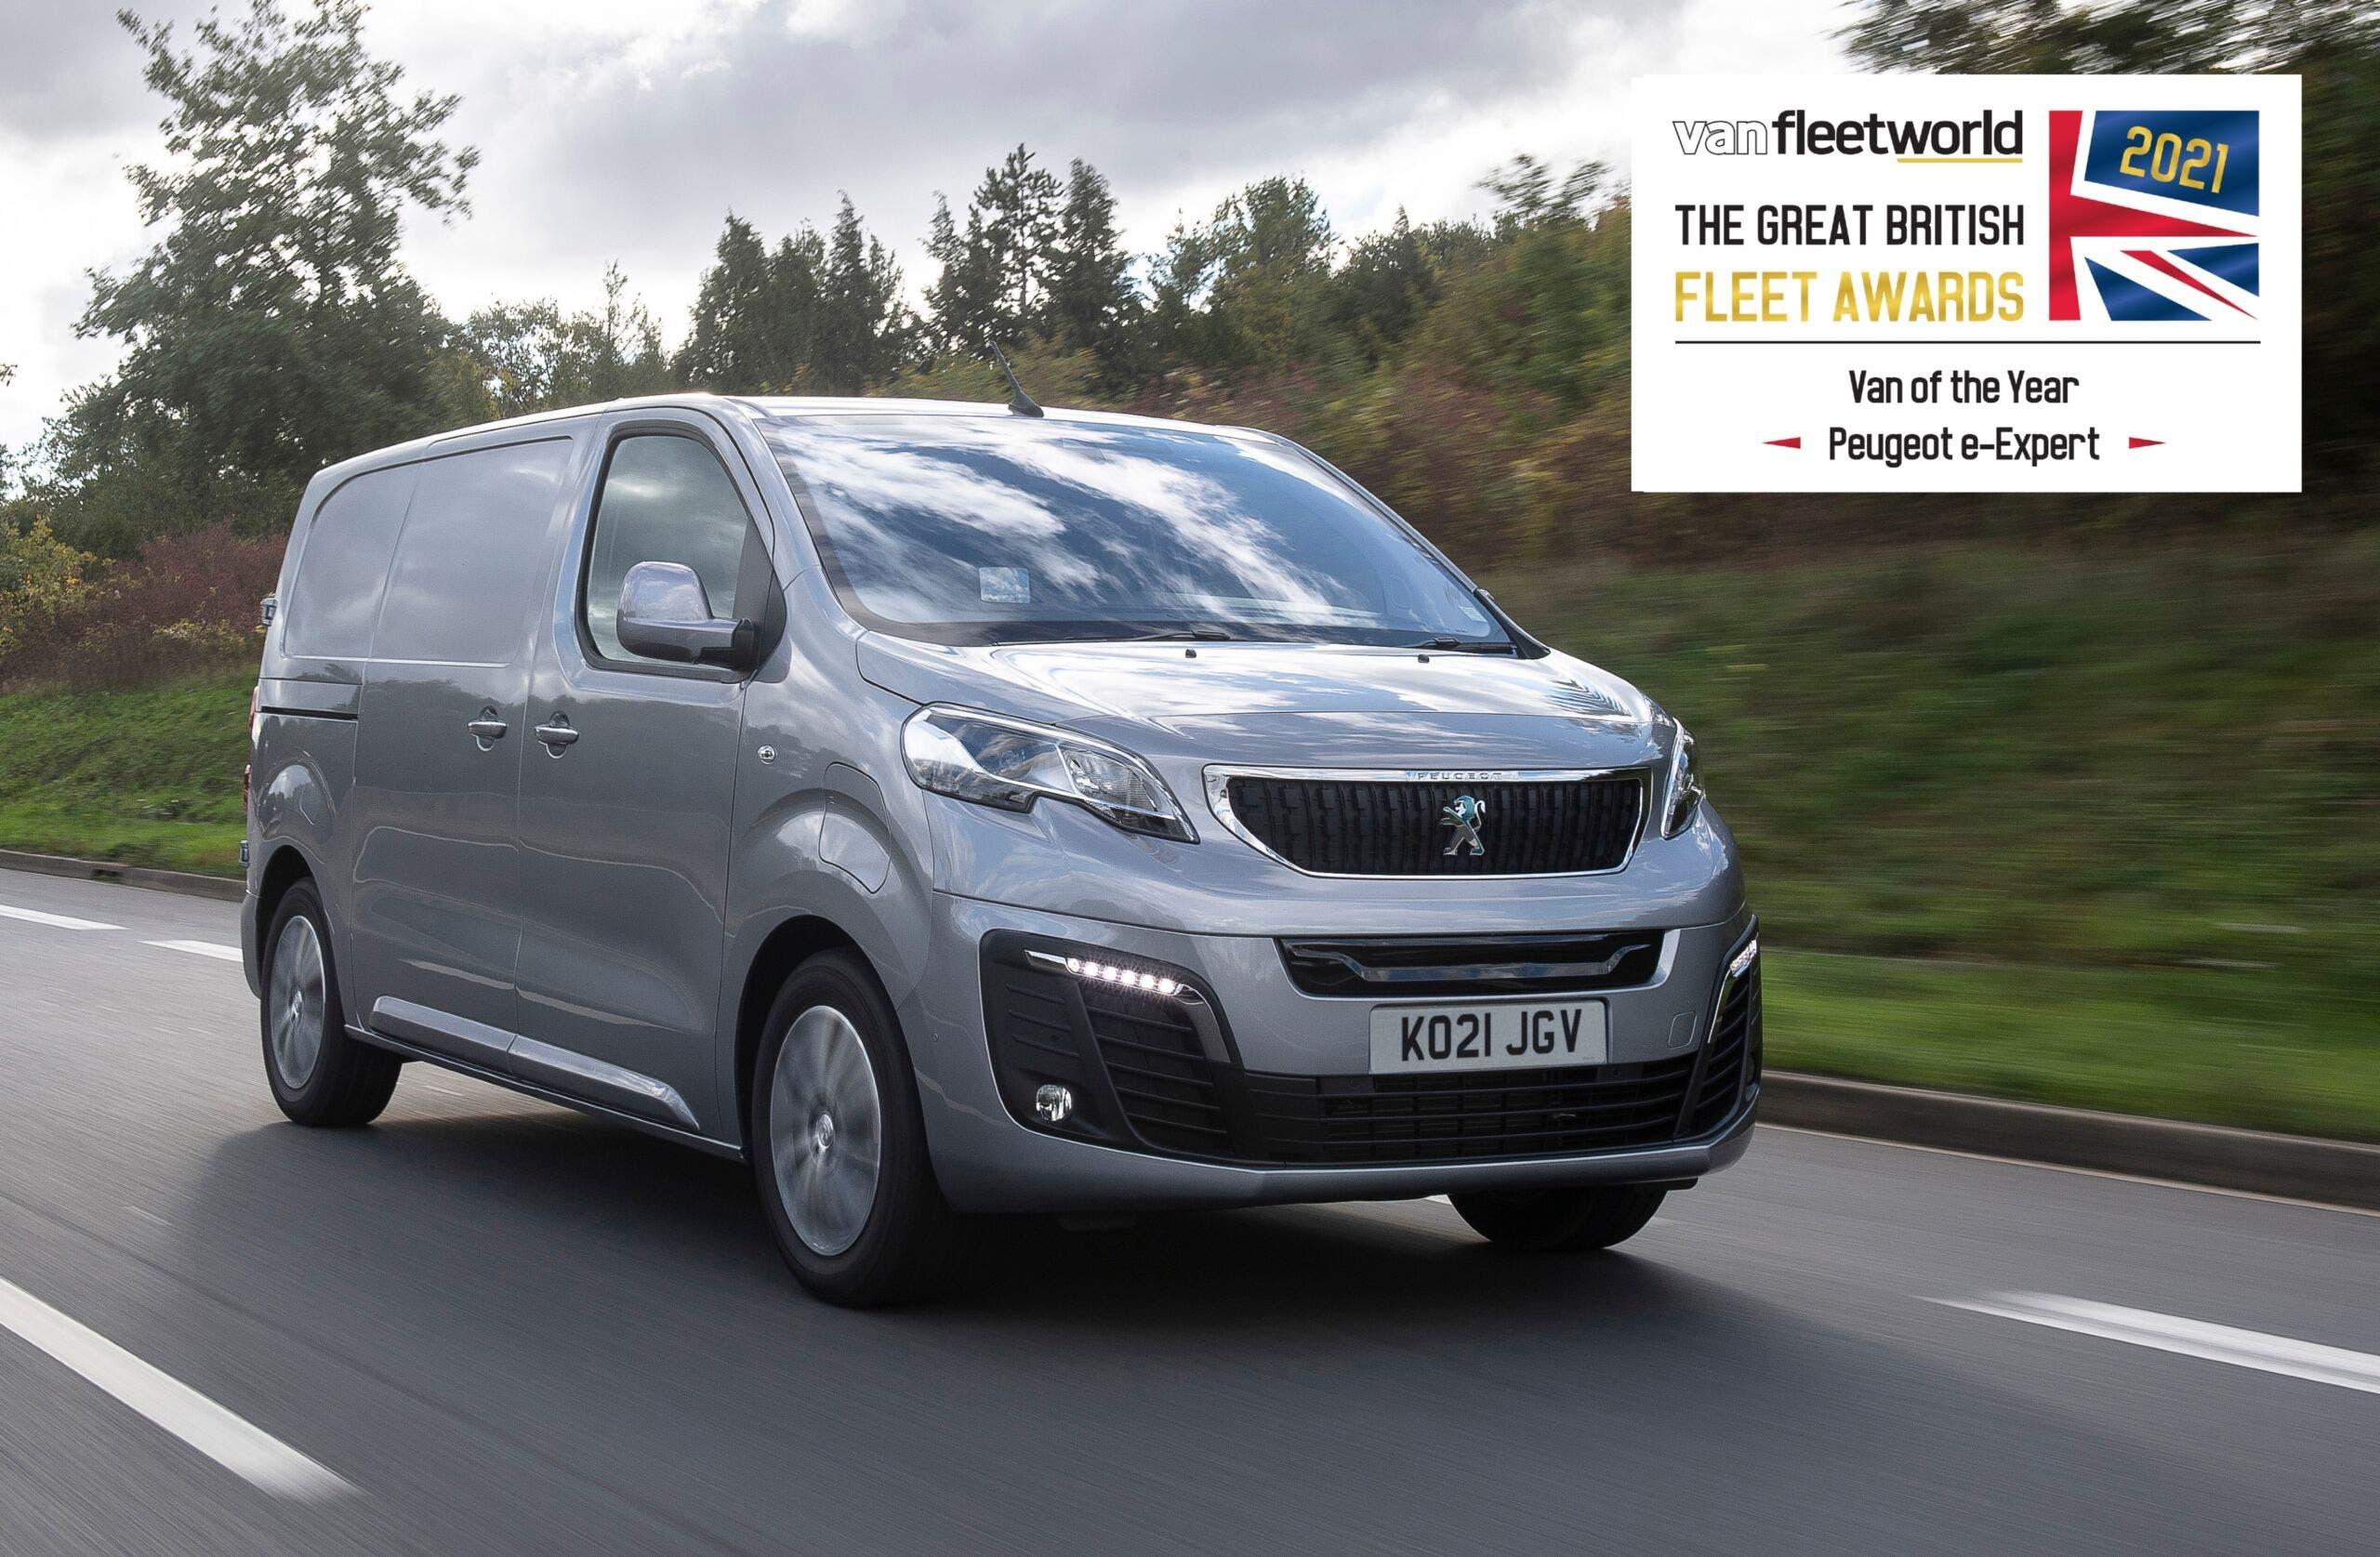 Peugeot Van Fleet World 2021